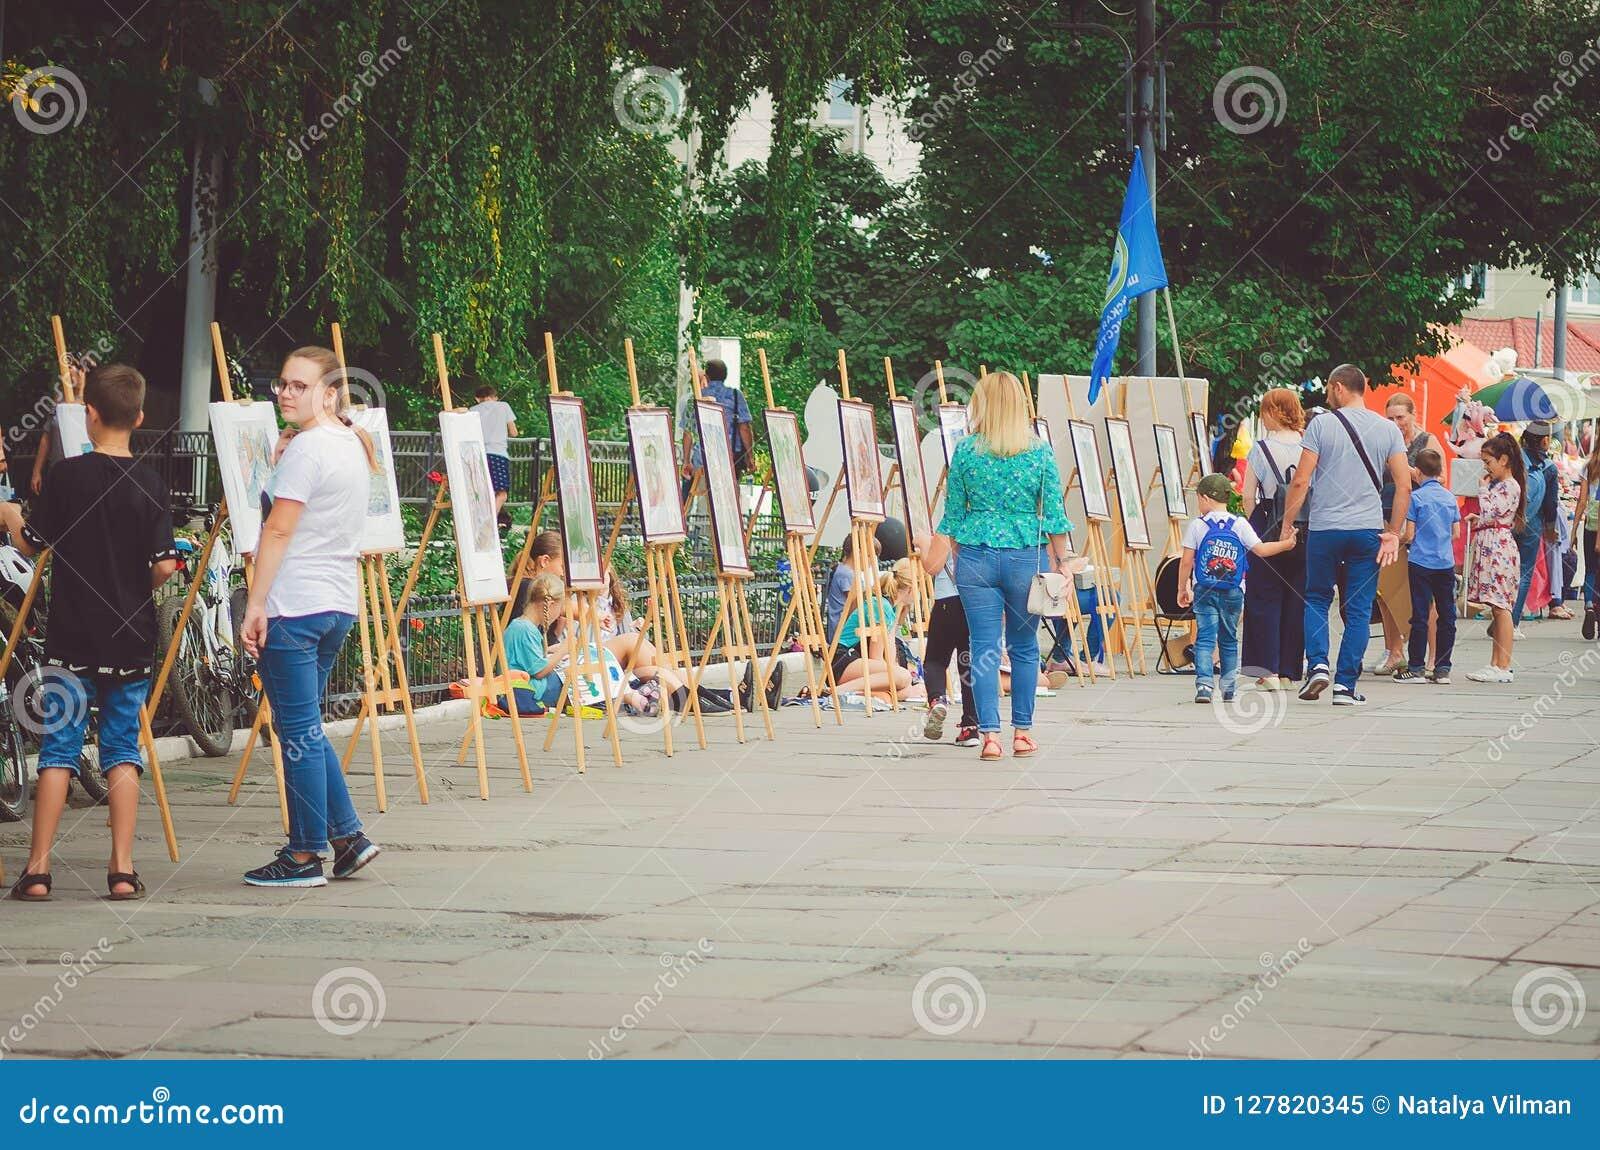 La gente camina en el parque en la celebración del día del ` s de la ciudad y mira la exposición del PA